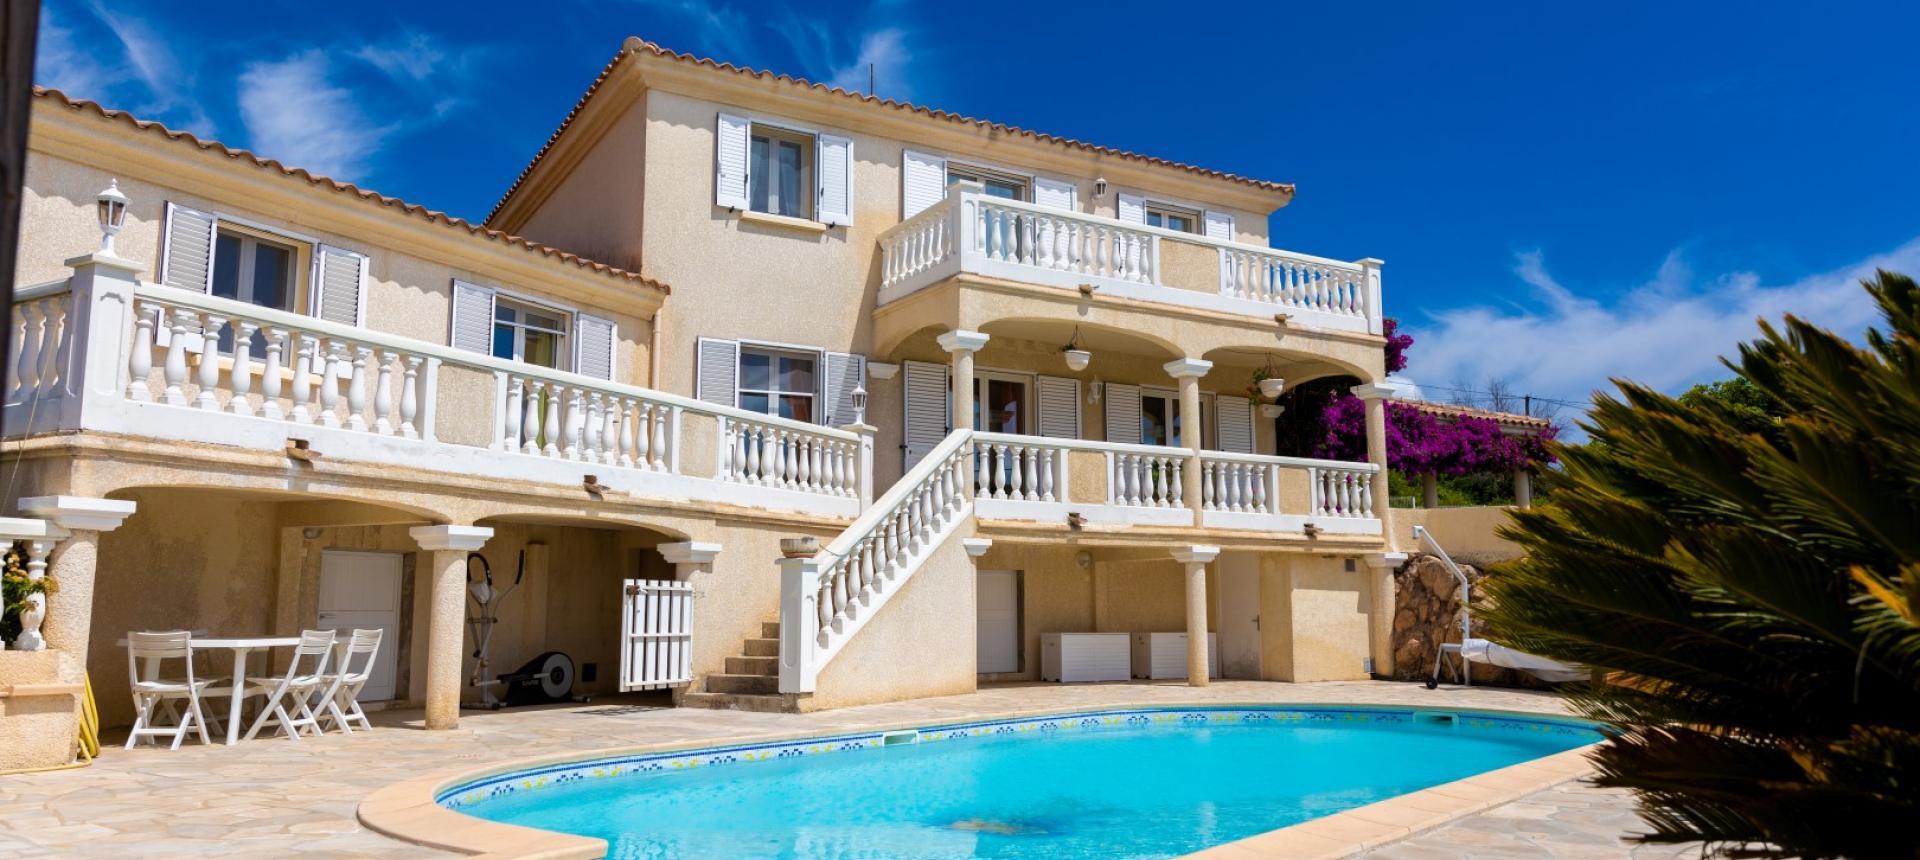 A vendre villa avec vue dégagée proche Ajaccio - AFA - EXTERIEUR VILLA AFA PISCINE